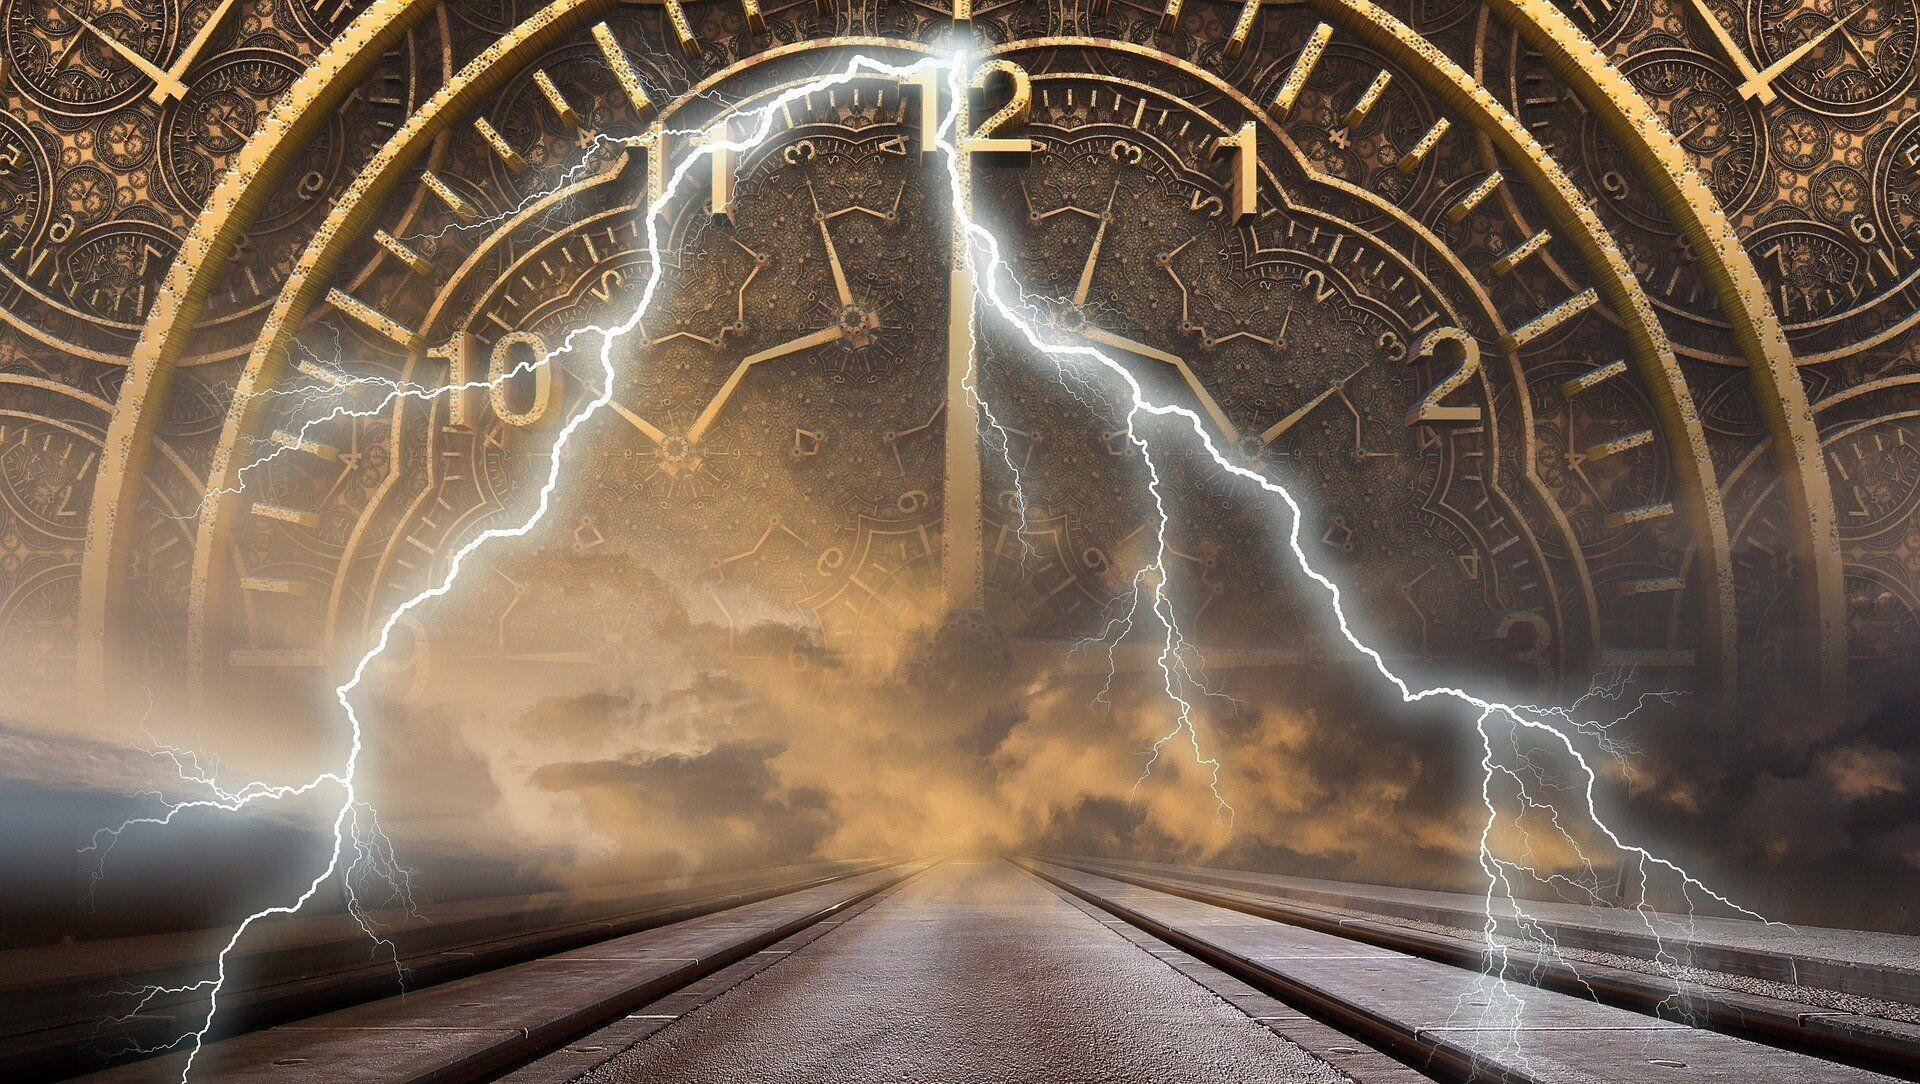 Reloj y los relámpagos (imagen referencial) - Sputnik Mundo, 1920, 23.01.2020